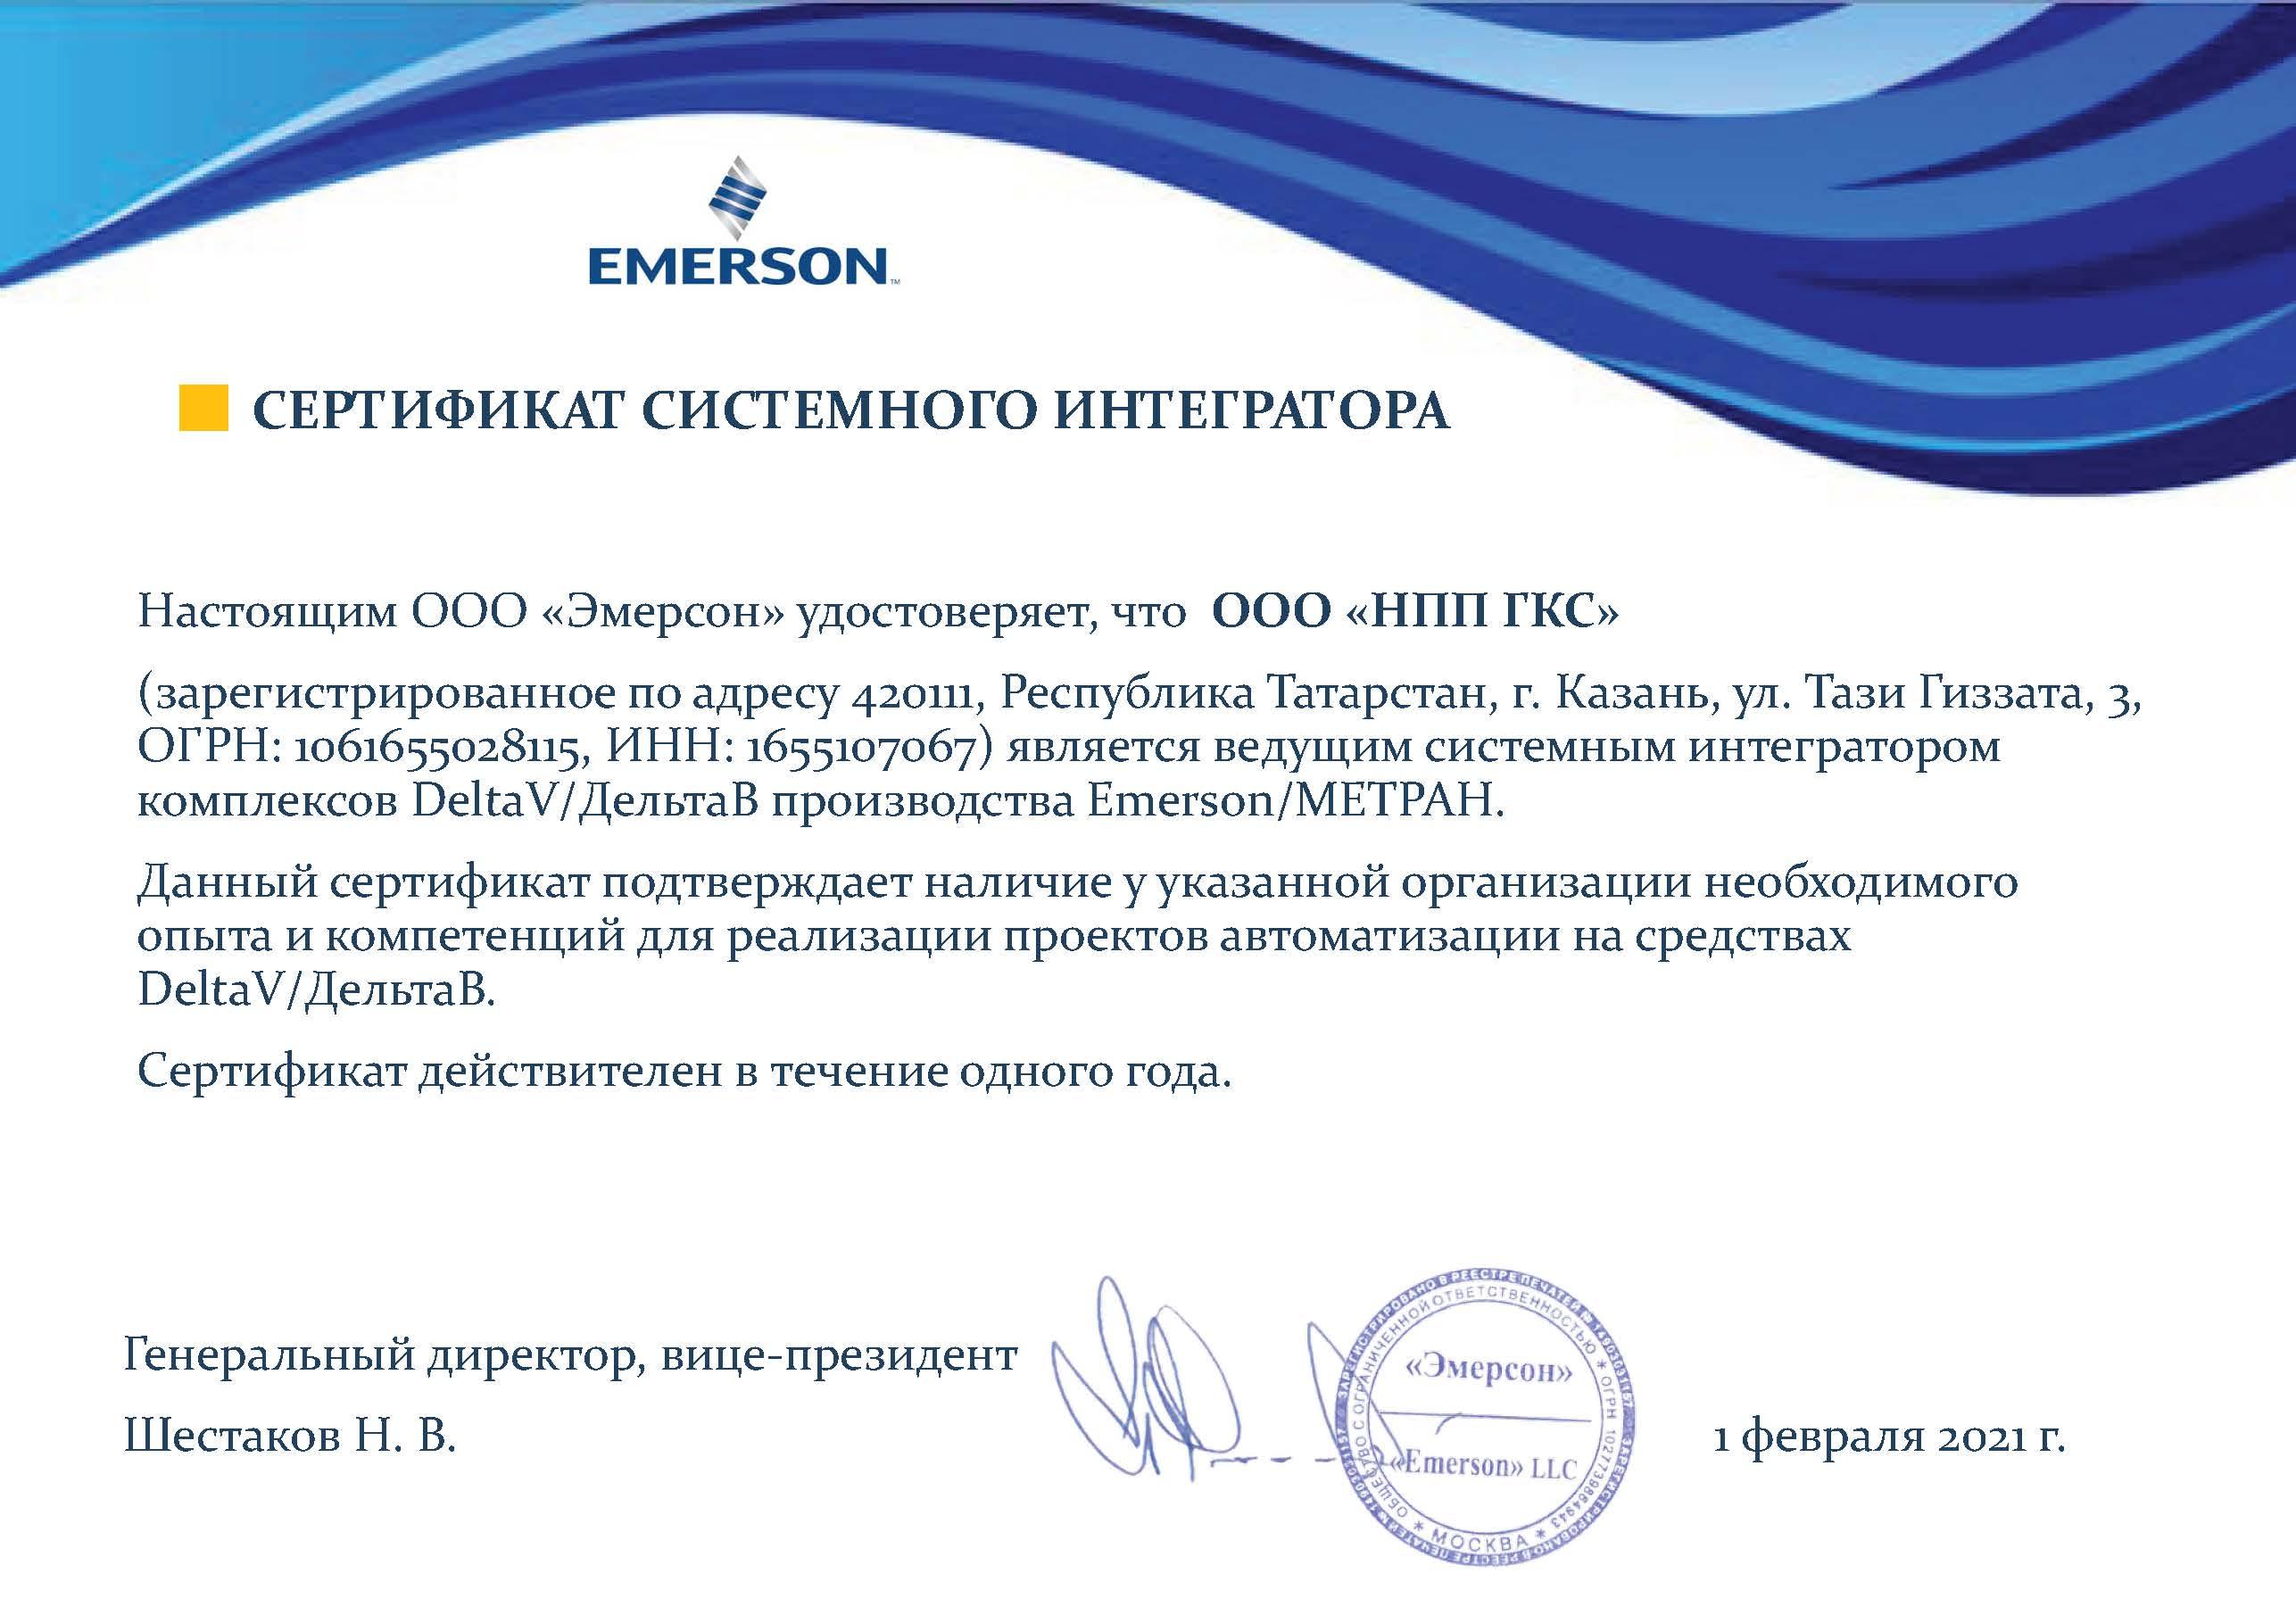 НПП «ГКС» удостоен статуса Системного интегратора международной компании Emerson